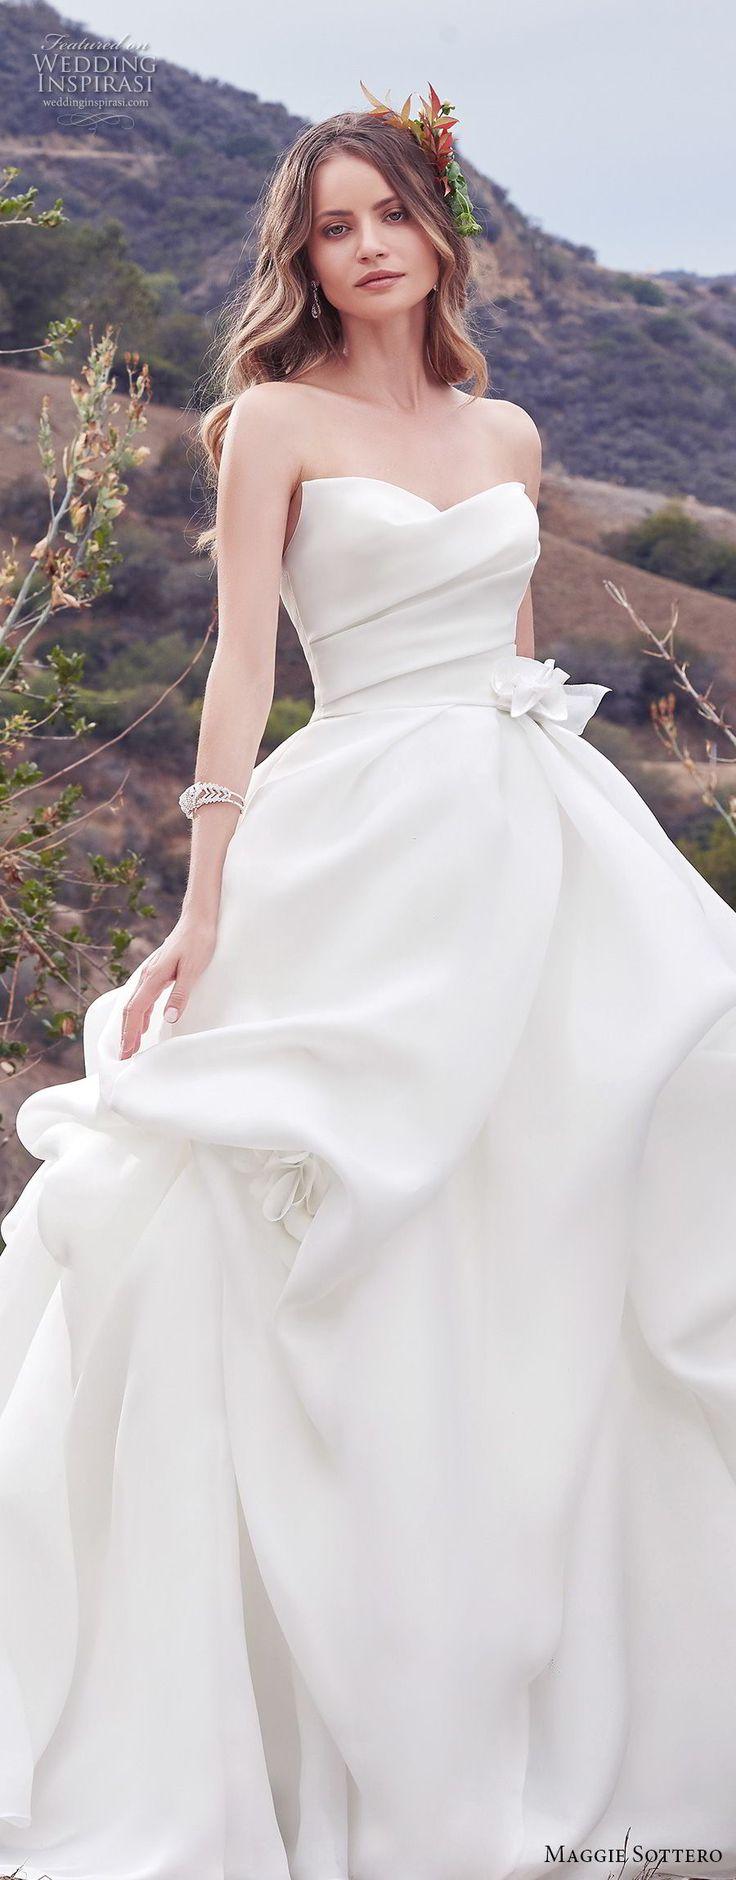 Maggie Sottero Herbst 2017 Braut trägerlosen Schatz Ausschnitt einfache geraffte …   – Wedding Miracle